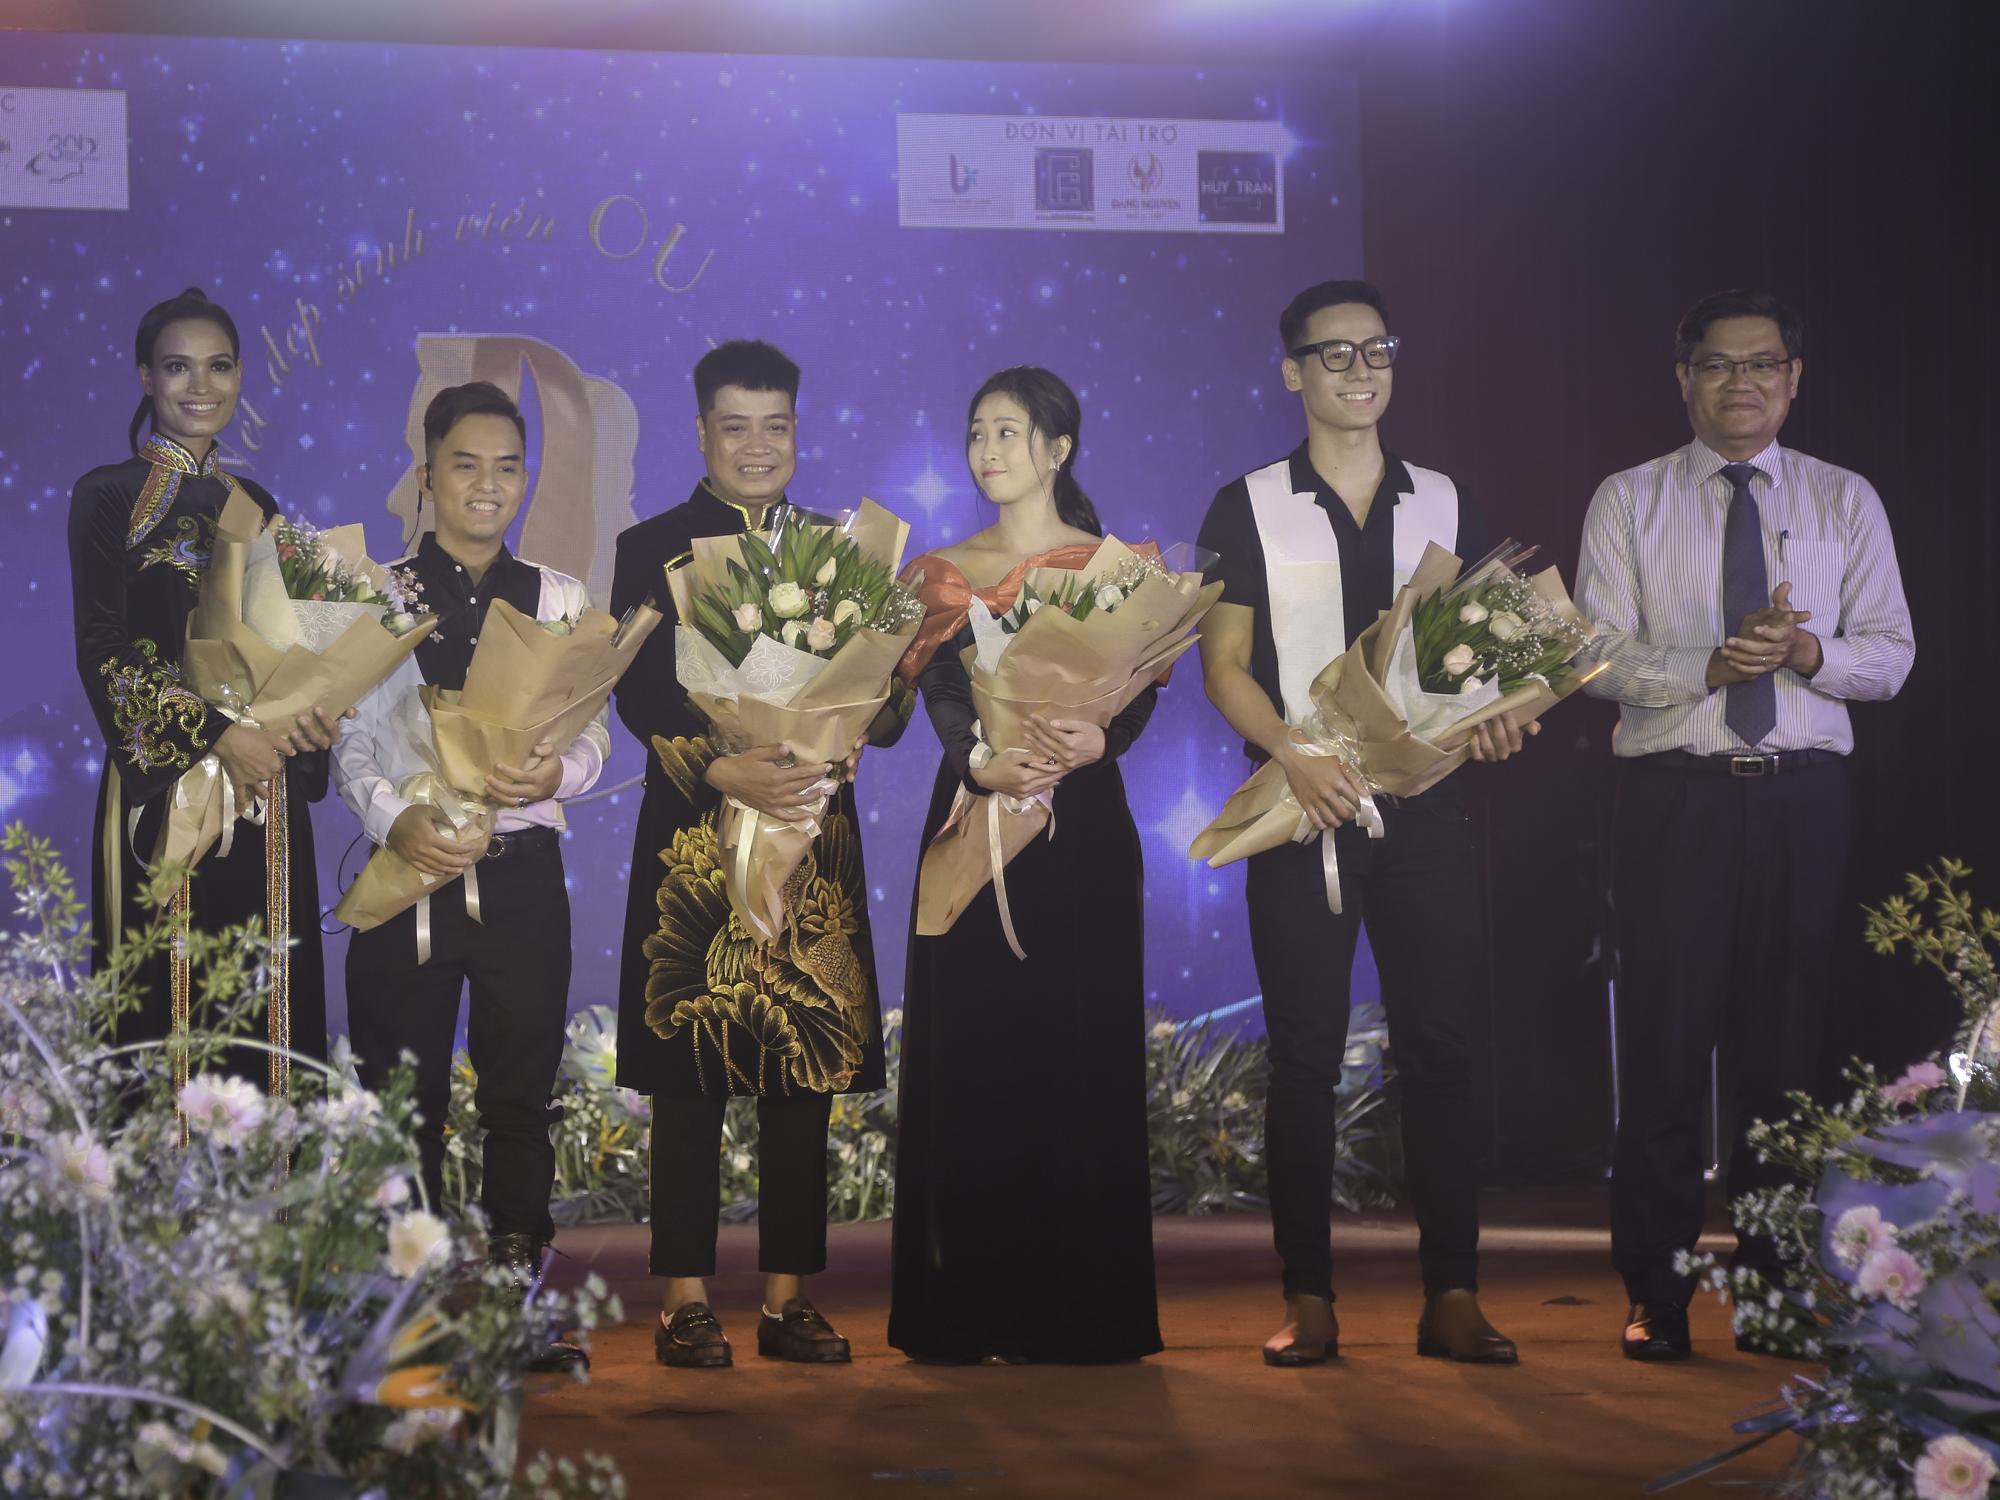 Hội đồng giám khảo nhận hoa cảm ơn từ PGS.TS Nguyễn Minh Hà, Hiệu trưởng nhà trường